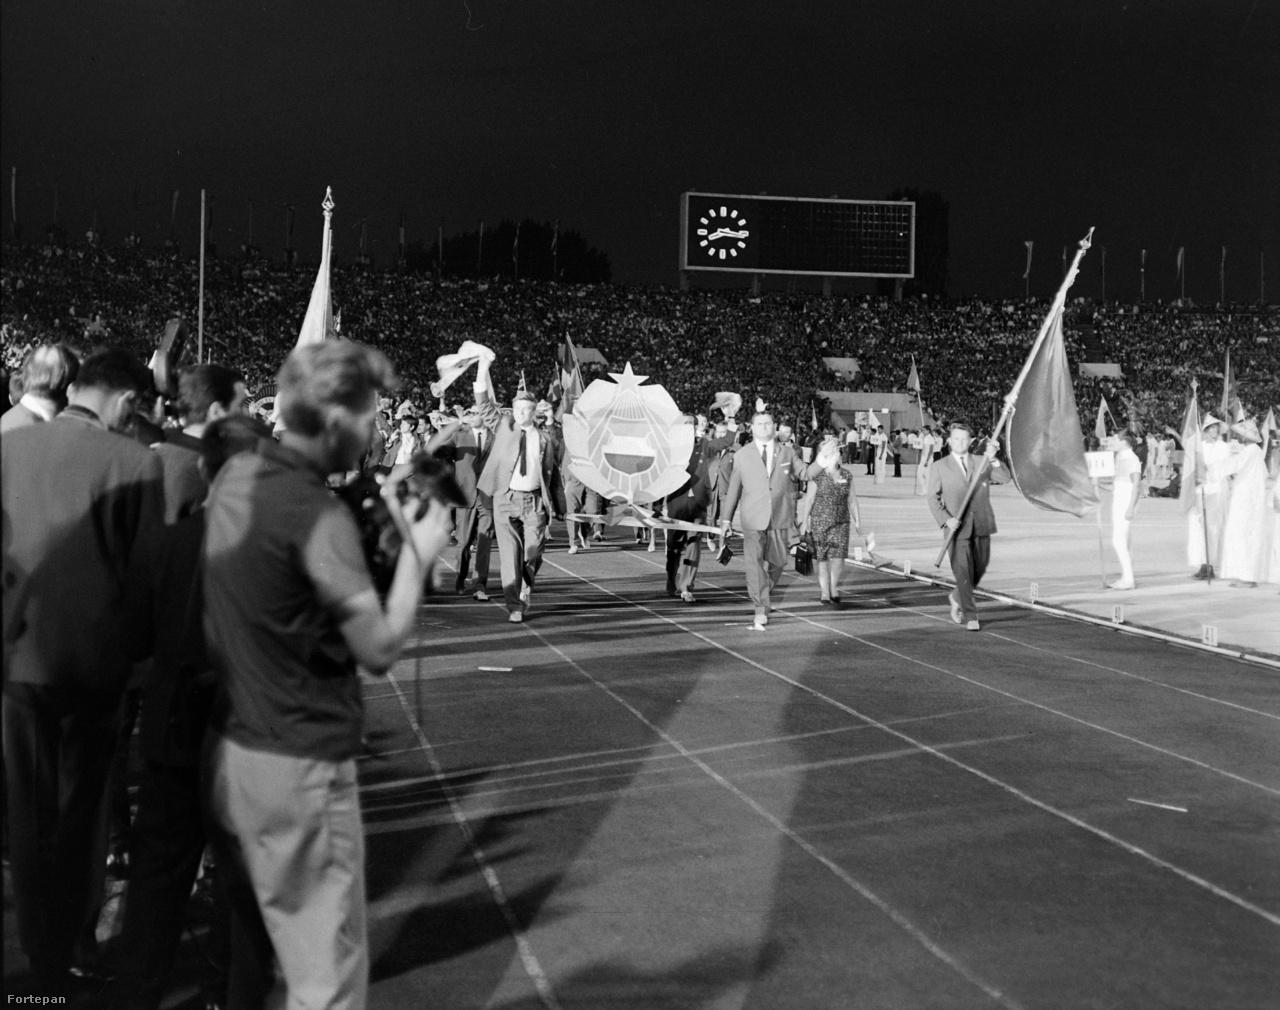 """A magyar küldöttség a KISZ korifeusaival a Levszki-stadionban. A békét hirdető Világifjúsági Találkozó augusztus 6-án ért véget, a záróünnepségekről beszámoló magyar újságban néhány oldallal később a MÁVAUT reklámja szerepelt: """"Új autóbuszjárat indul Csehszlovákiába. Krasznahorkára, Rimaszombatra, Tapolcsányra, Nyitrára."""" A civil buszok már nem indulhattak el: nem egész két hét múlva a Magyar Néphadsereg is átlépte a határt, hogy katonai megszállással számoljanak le az emberarcú demokratikus szocializmus eszményével. 1968 utópiája ismét véglegesen elillant."""